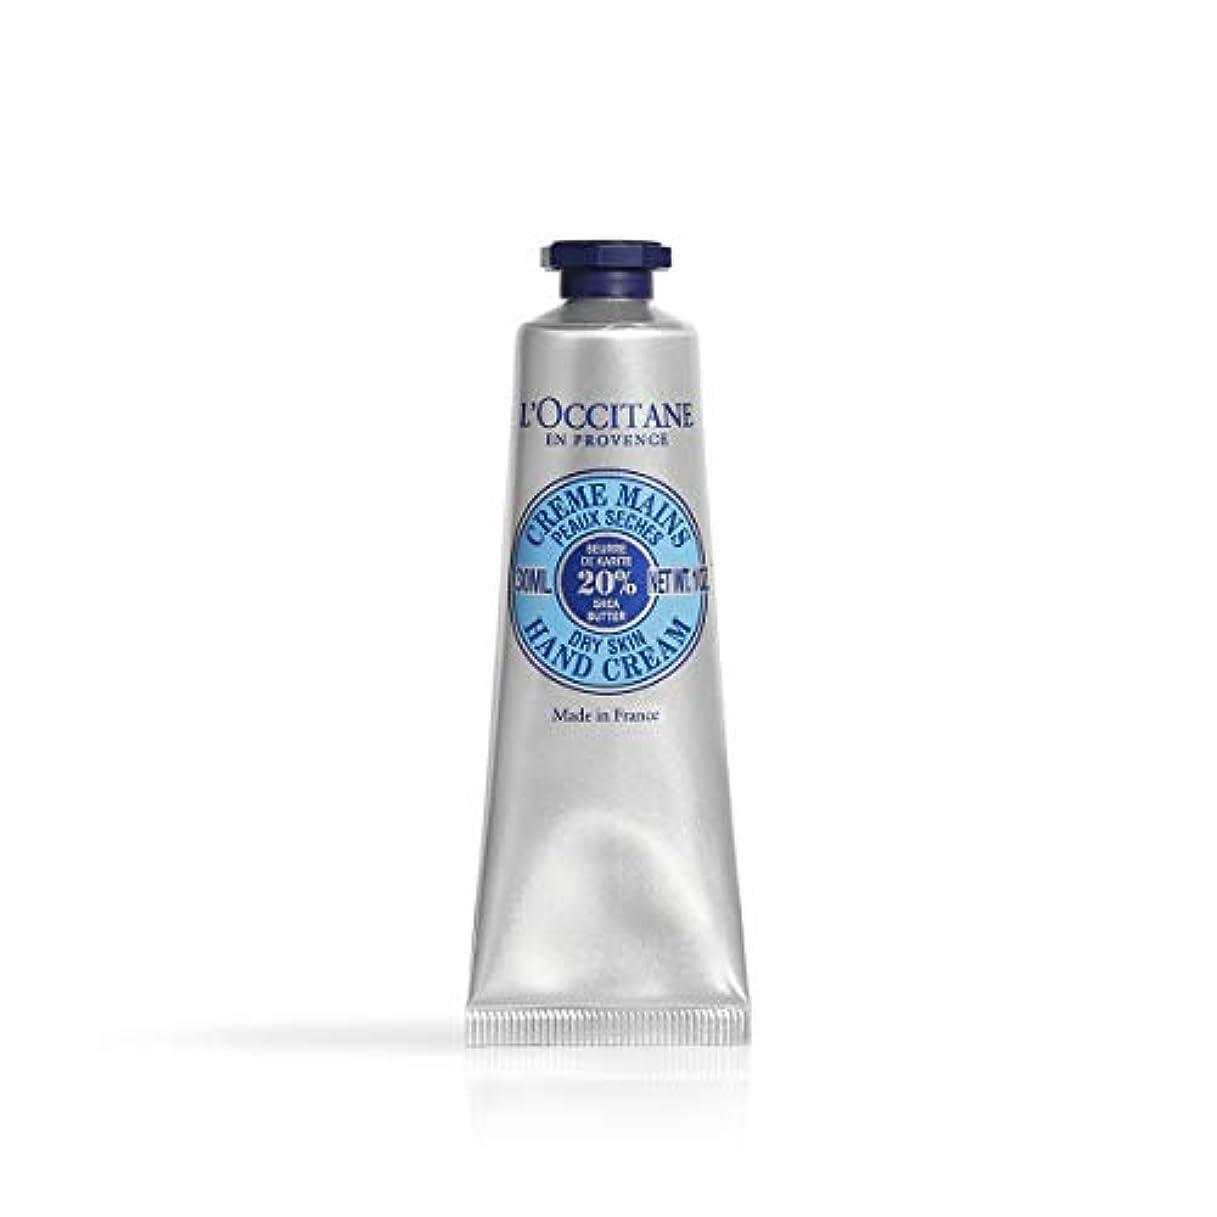 ジャベスウィルソン平和な定規ロクシタン(L'OCCITANE) シア ハンドクリーム 30ml